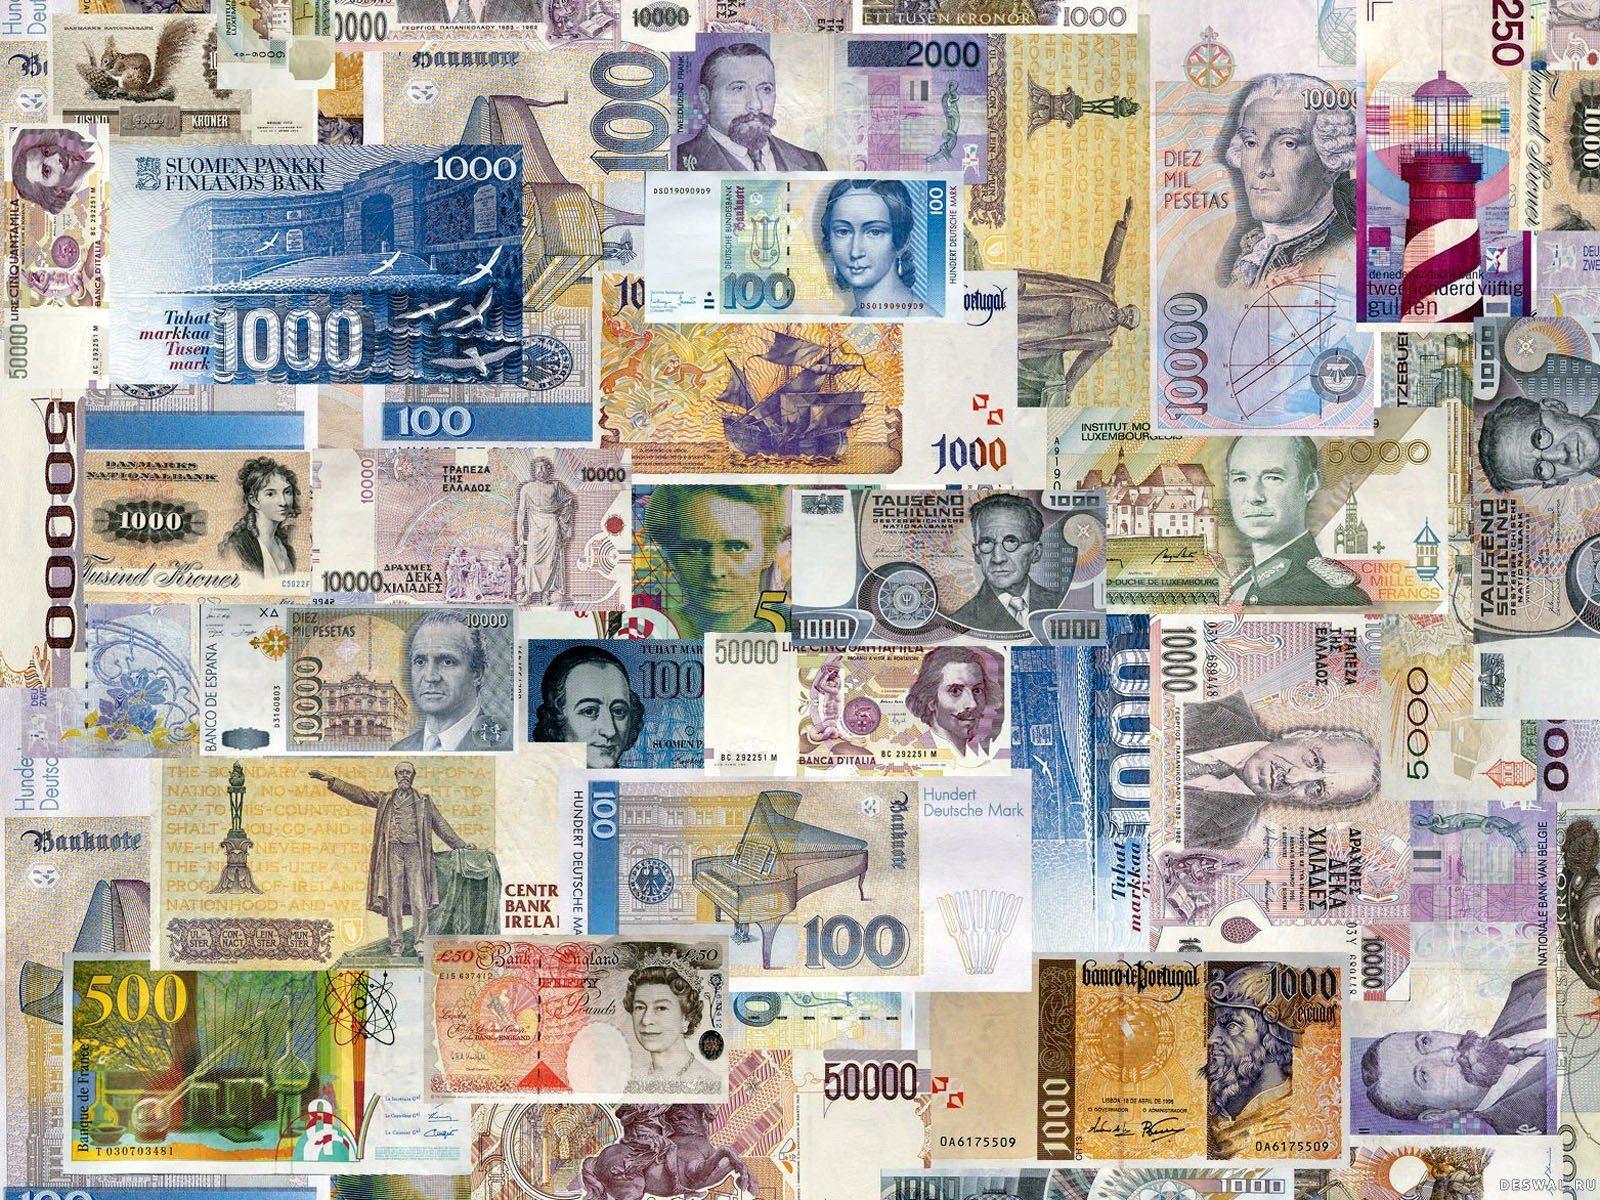 банкноты разных стран мира фото и названия мнение, что